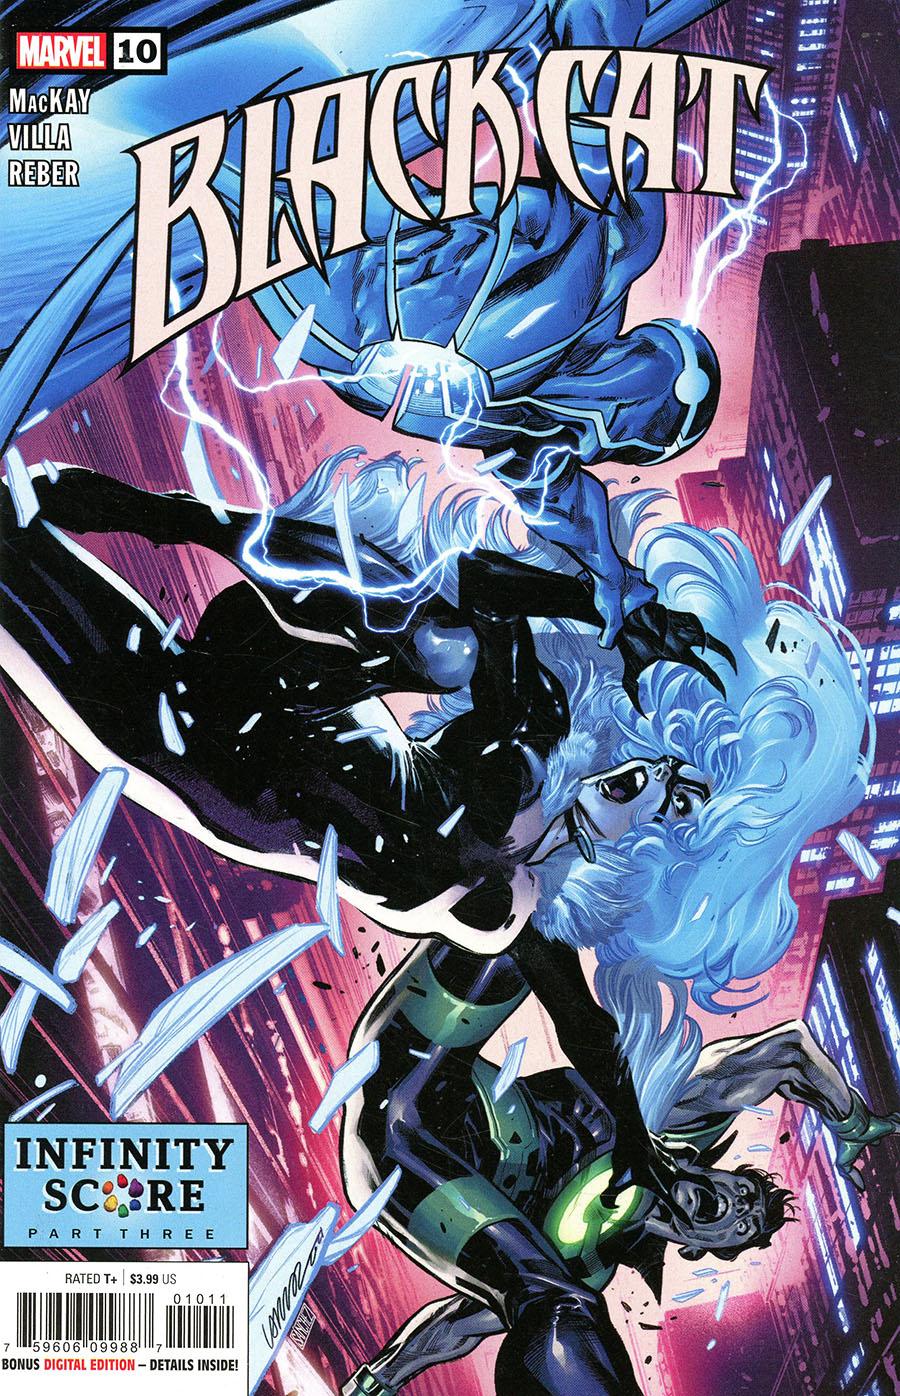 Black Cat Vol 2 #10 Cover A Regular Pepe Larraz Cover